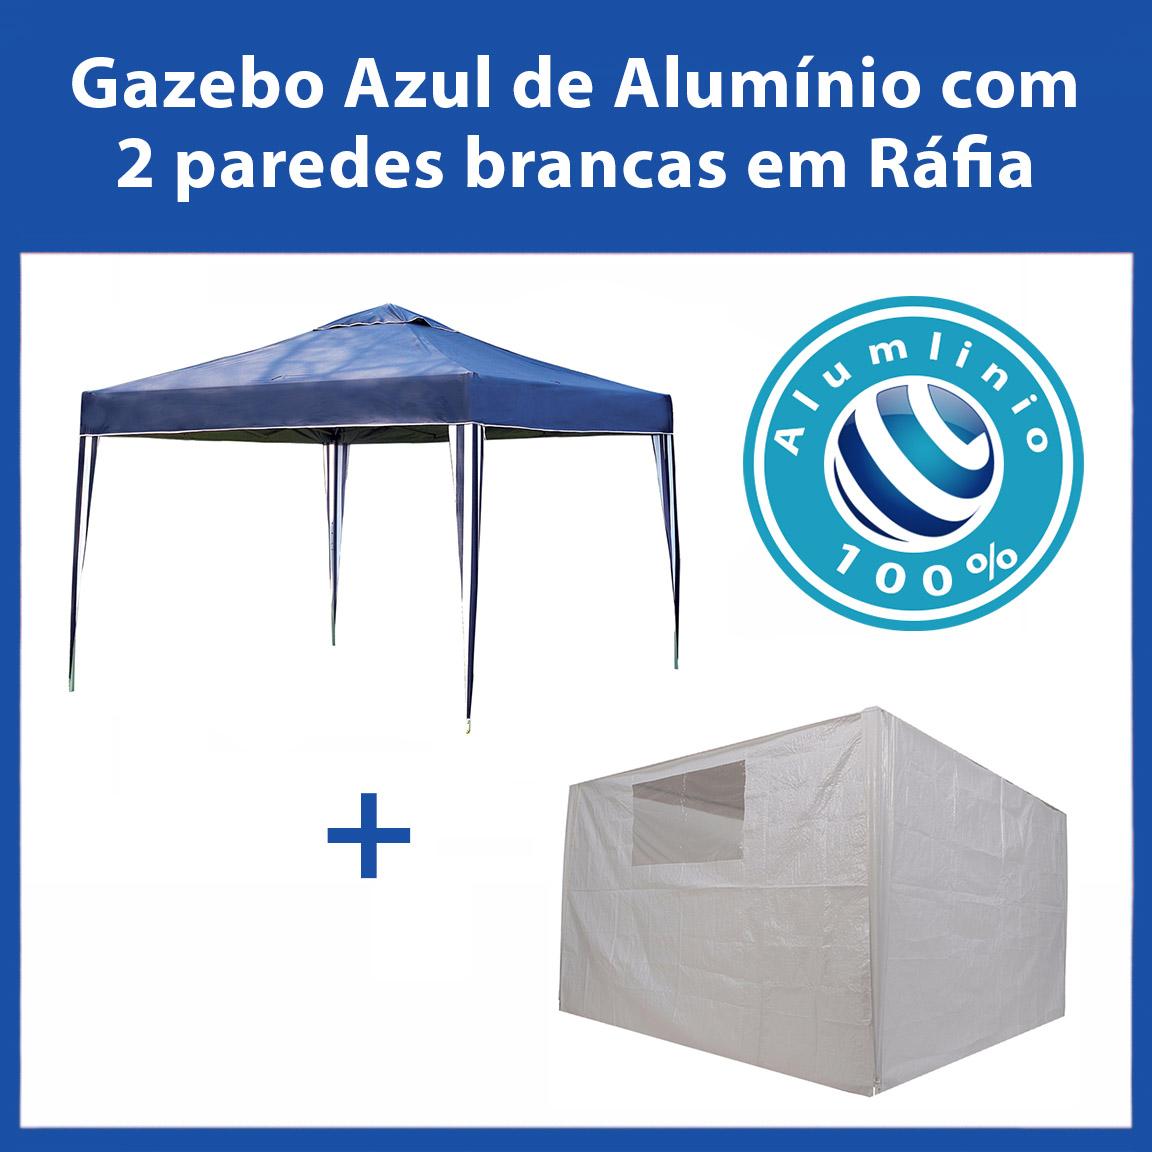 Gazebo 3x3 Articulado 100% Alumínio Eleva Mundi - Azul + 2 paredes de ráfia